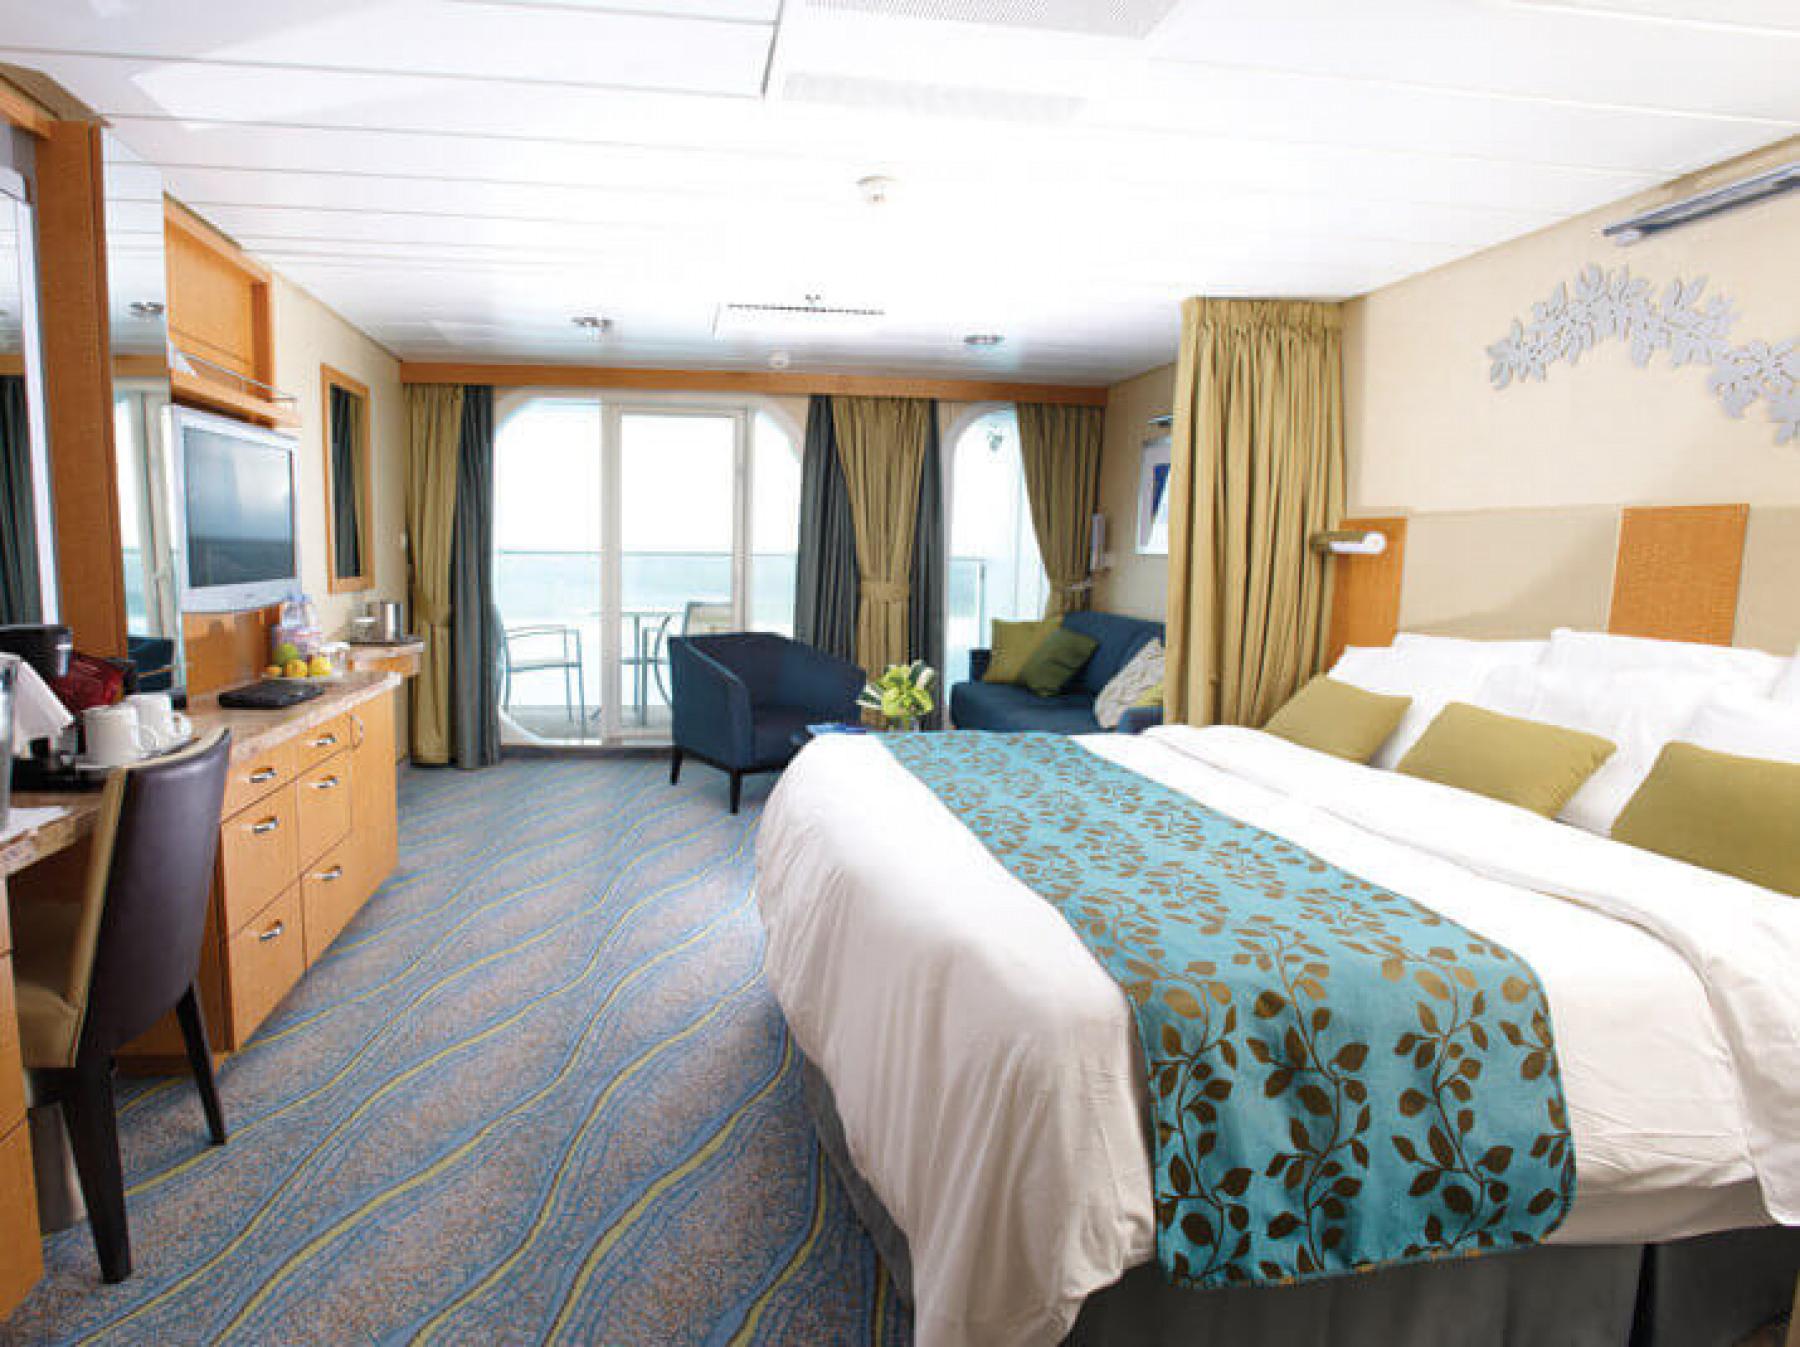 Royal Caribbean International Harmony of the seas balcony stateromo.jpg